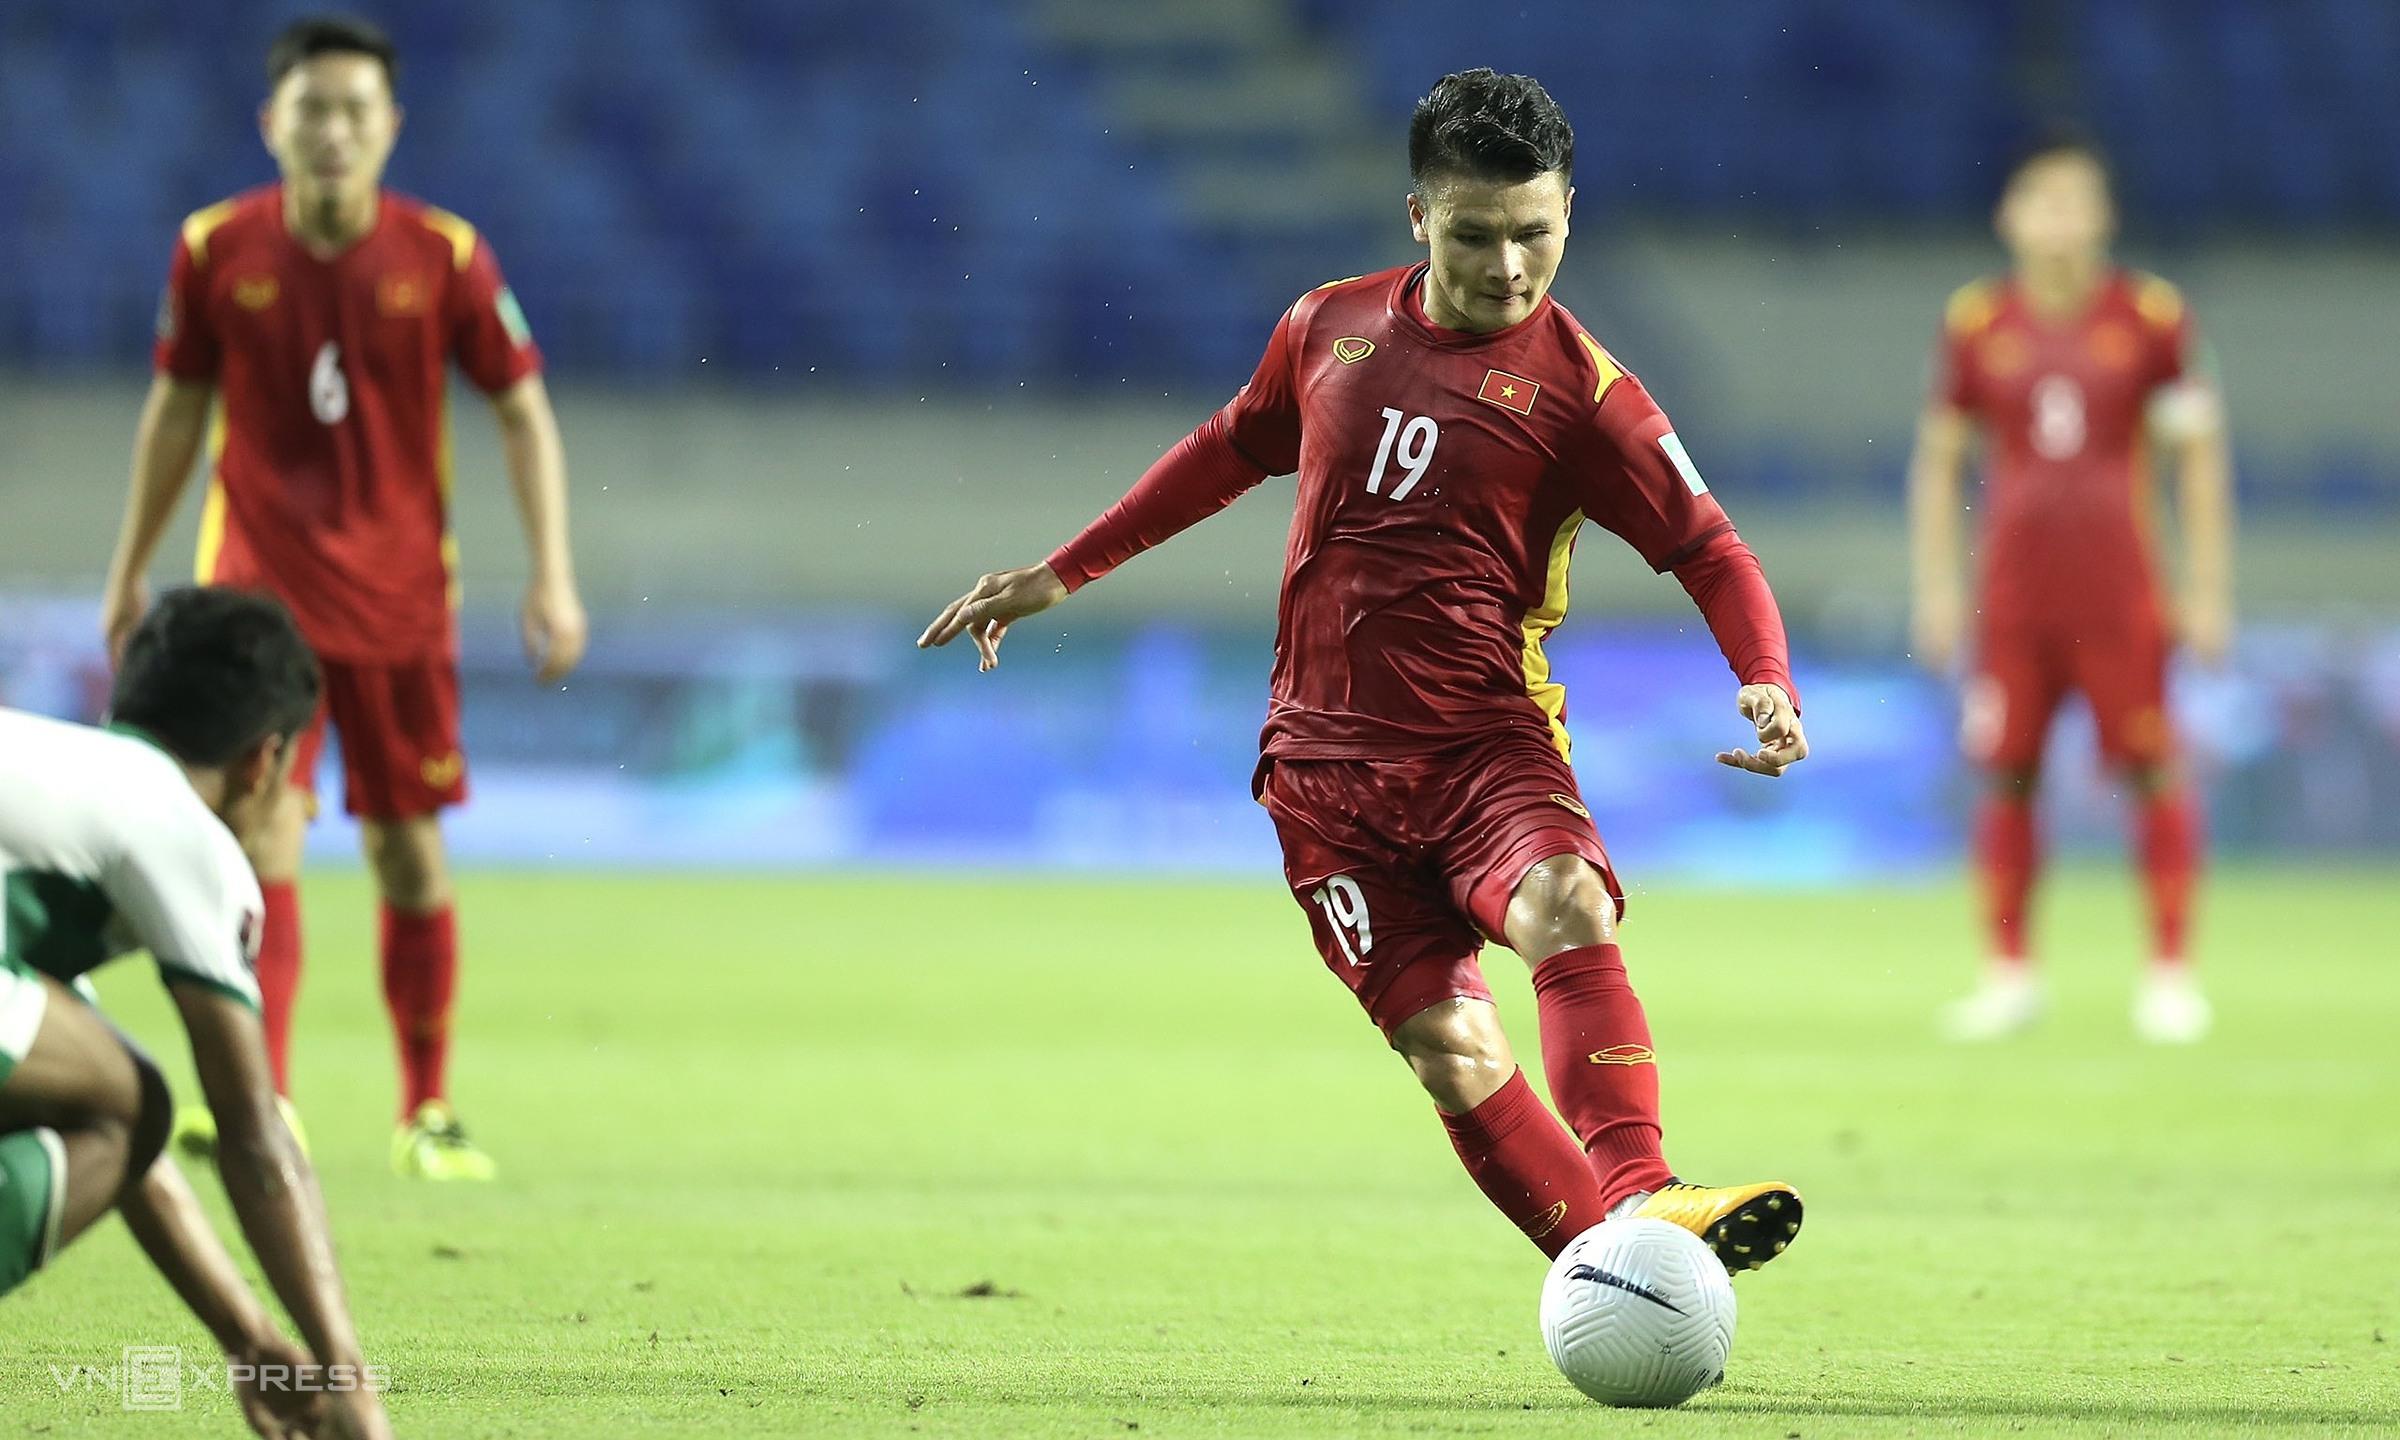 """กว๋างไห่ได้รับใบเหลืองสองใบในรอบคัดเลือกรอบที่สองของฟุตบอลโลก 2022 และถูกระงับการแข่งขันนัดต่อไปกับมาเลเซียในตอนเย็นของวันที่ 11 มิถุนายน  ภาพถ่าย: """"Lam Thua ."""""""